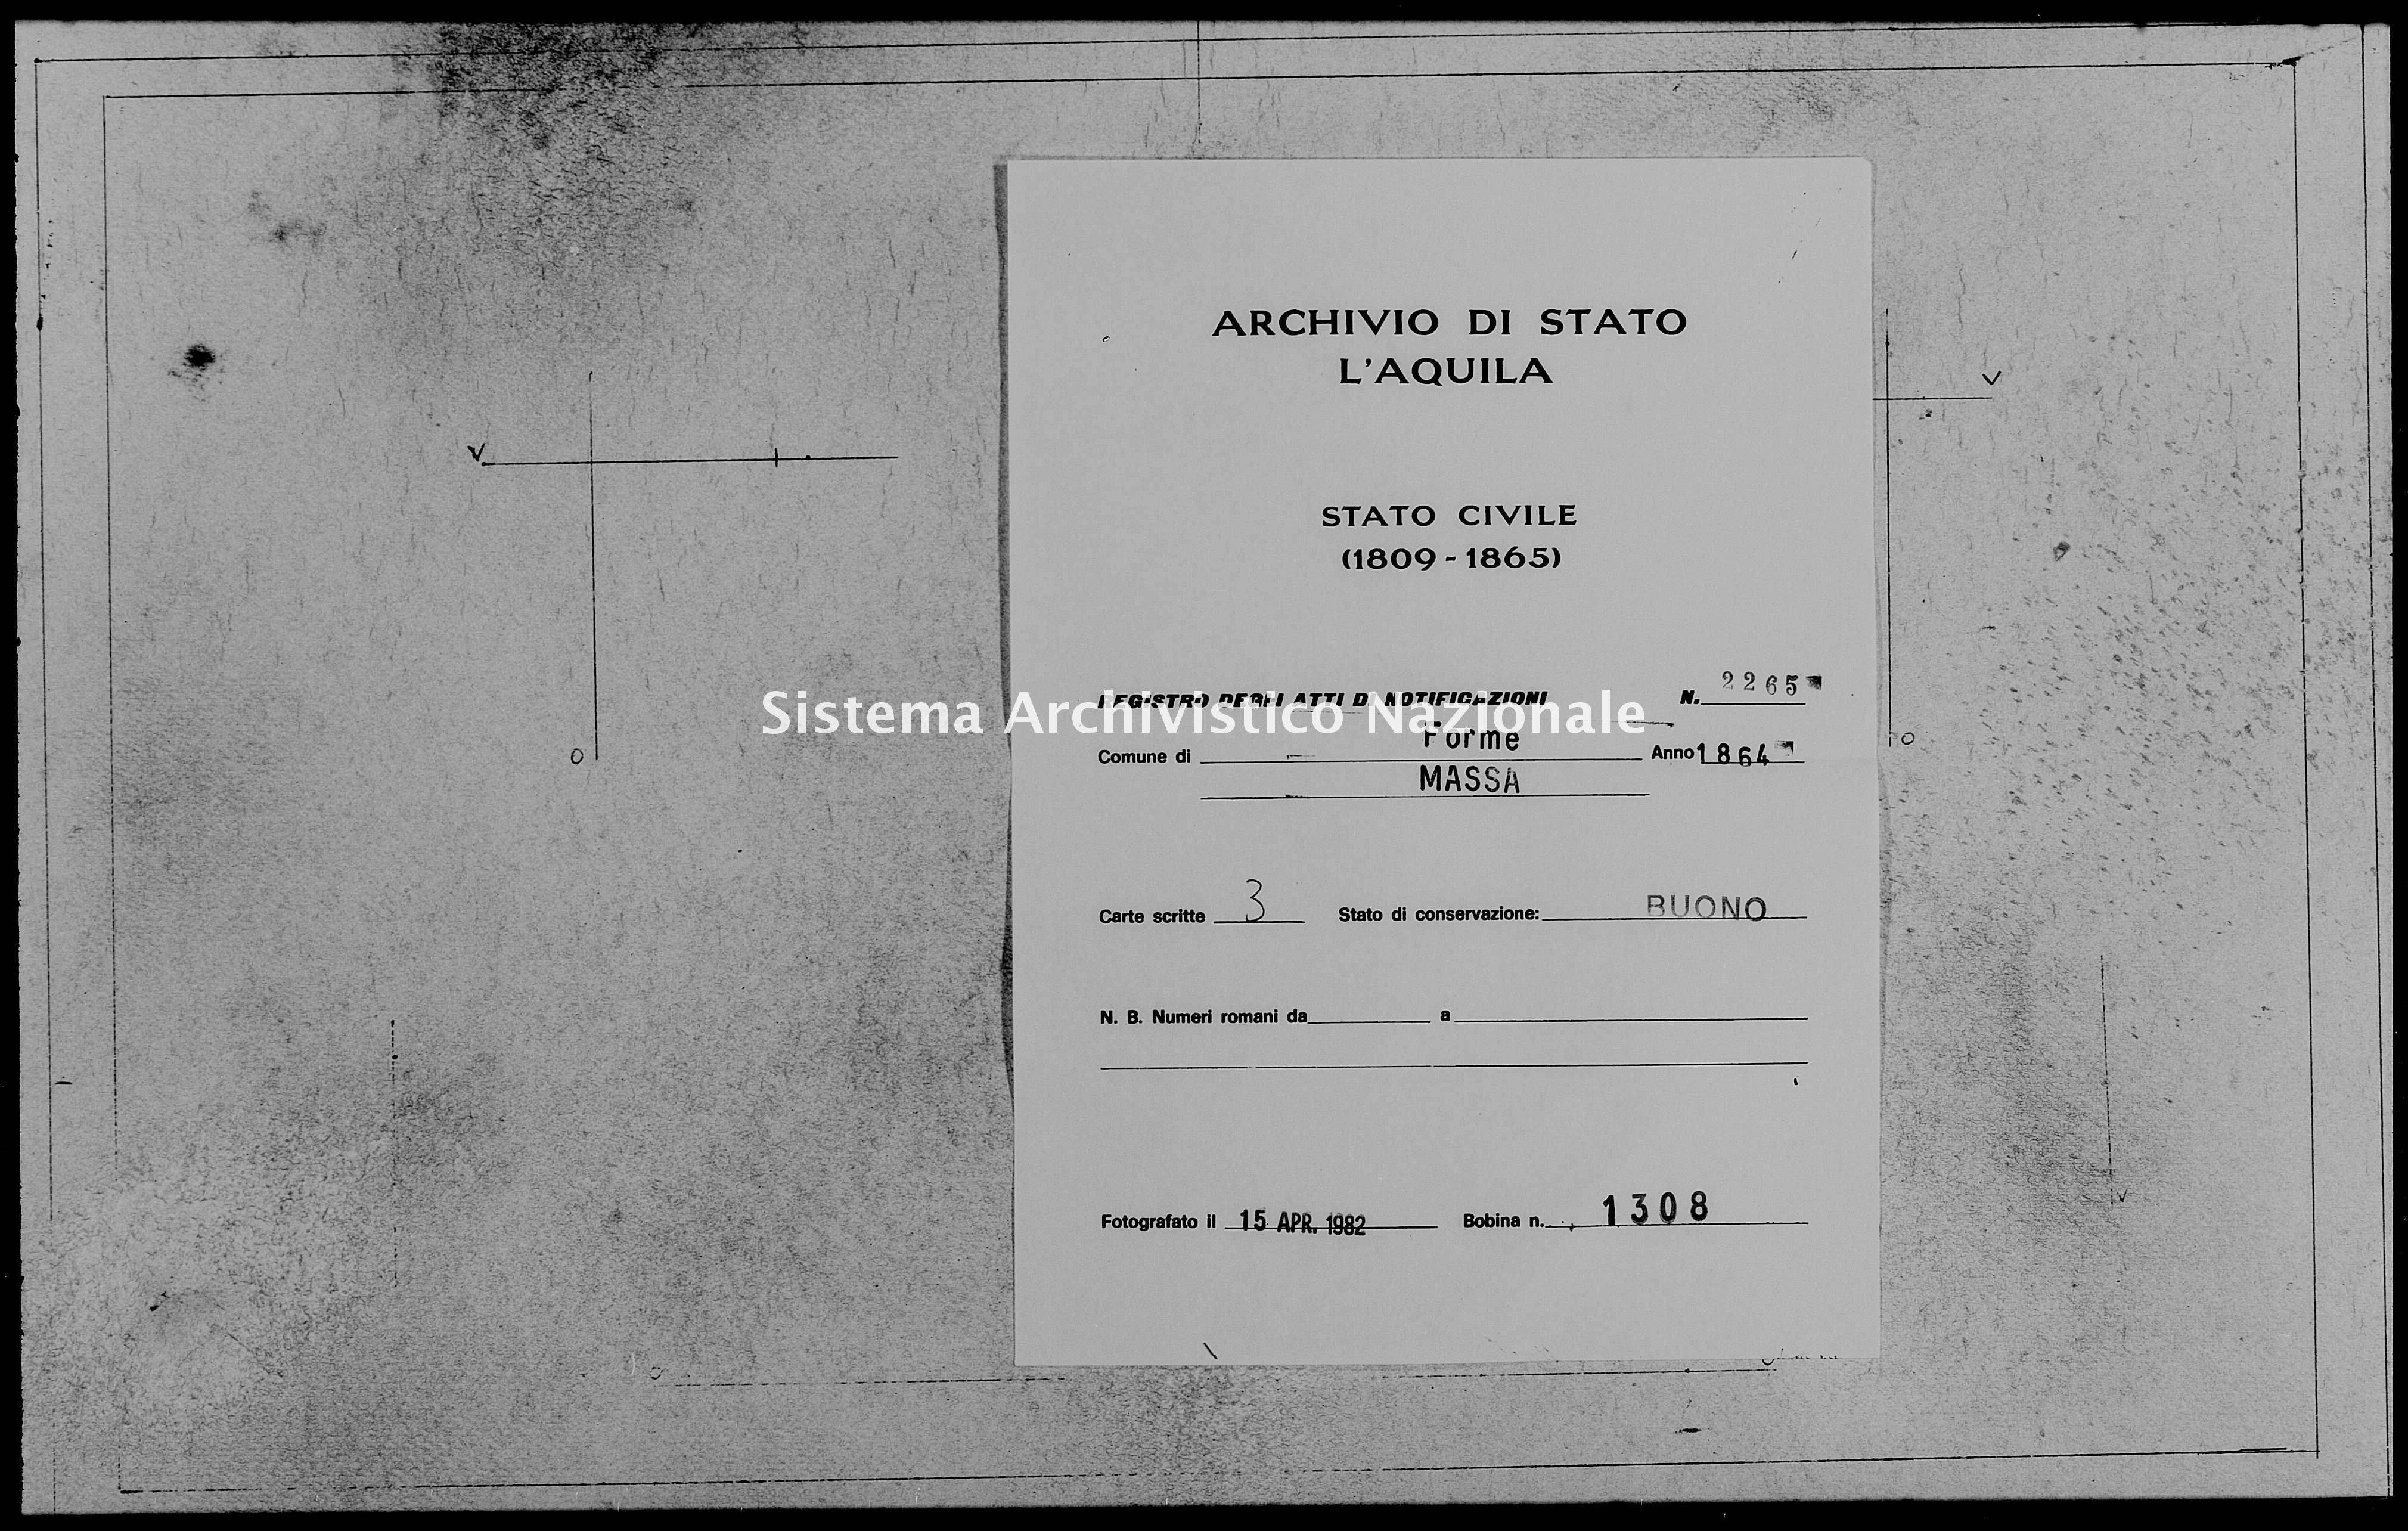 Archivio di stato di L'aquila - Stato civile italiano - Forme - Matrimoni, memorandum notificazioni ed opposizioni - 1864 - 2265 -